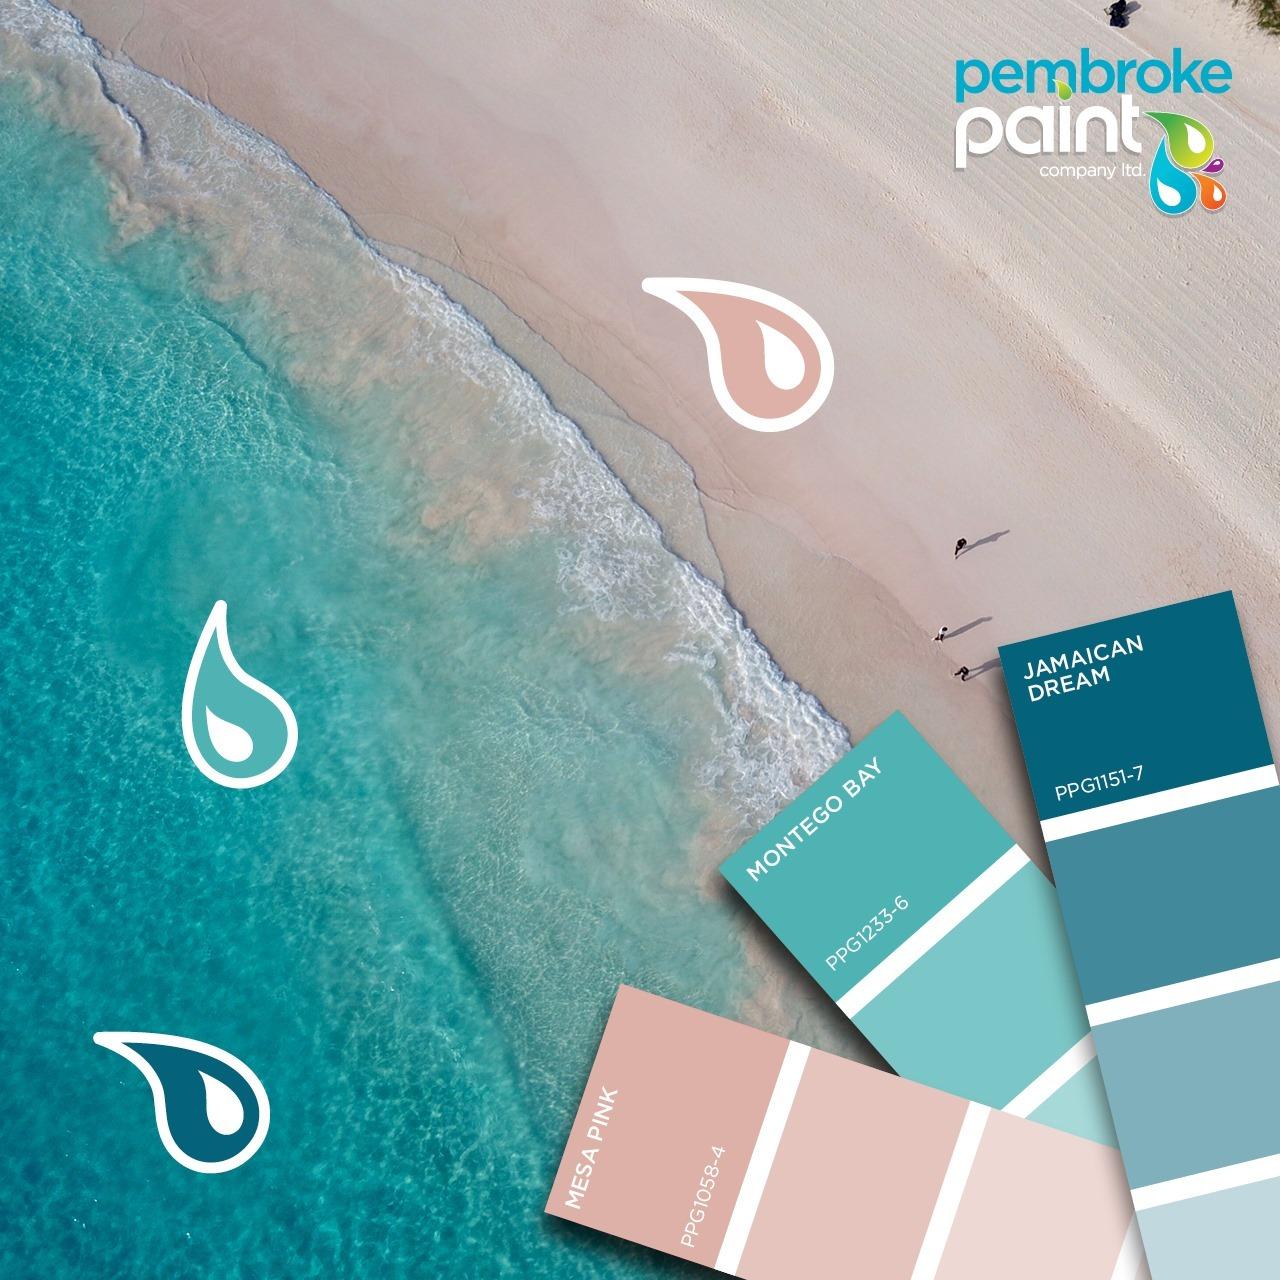 Pembroke Paint Co. Ltd.